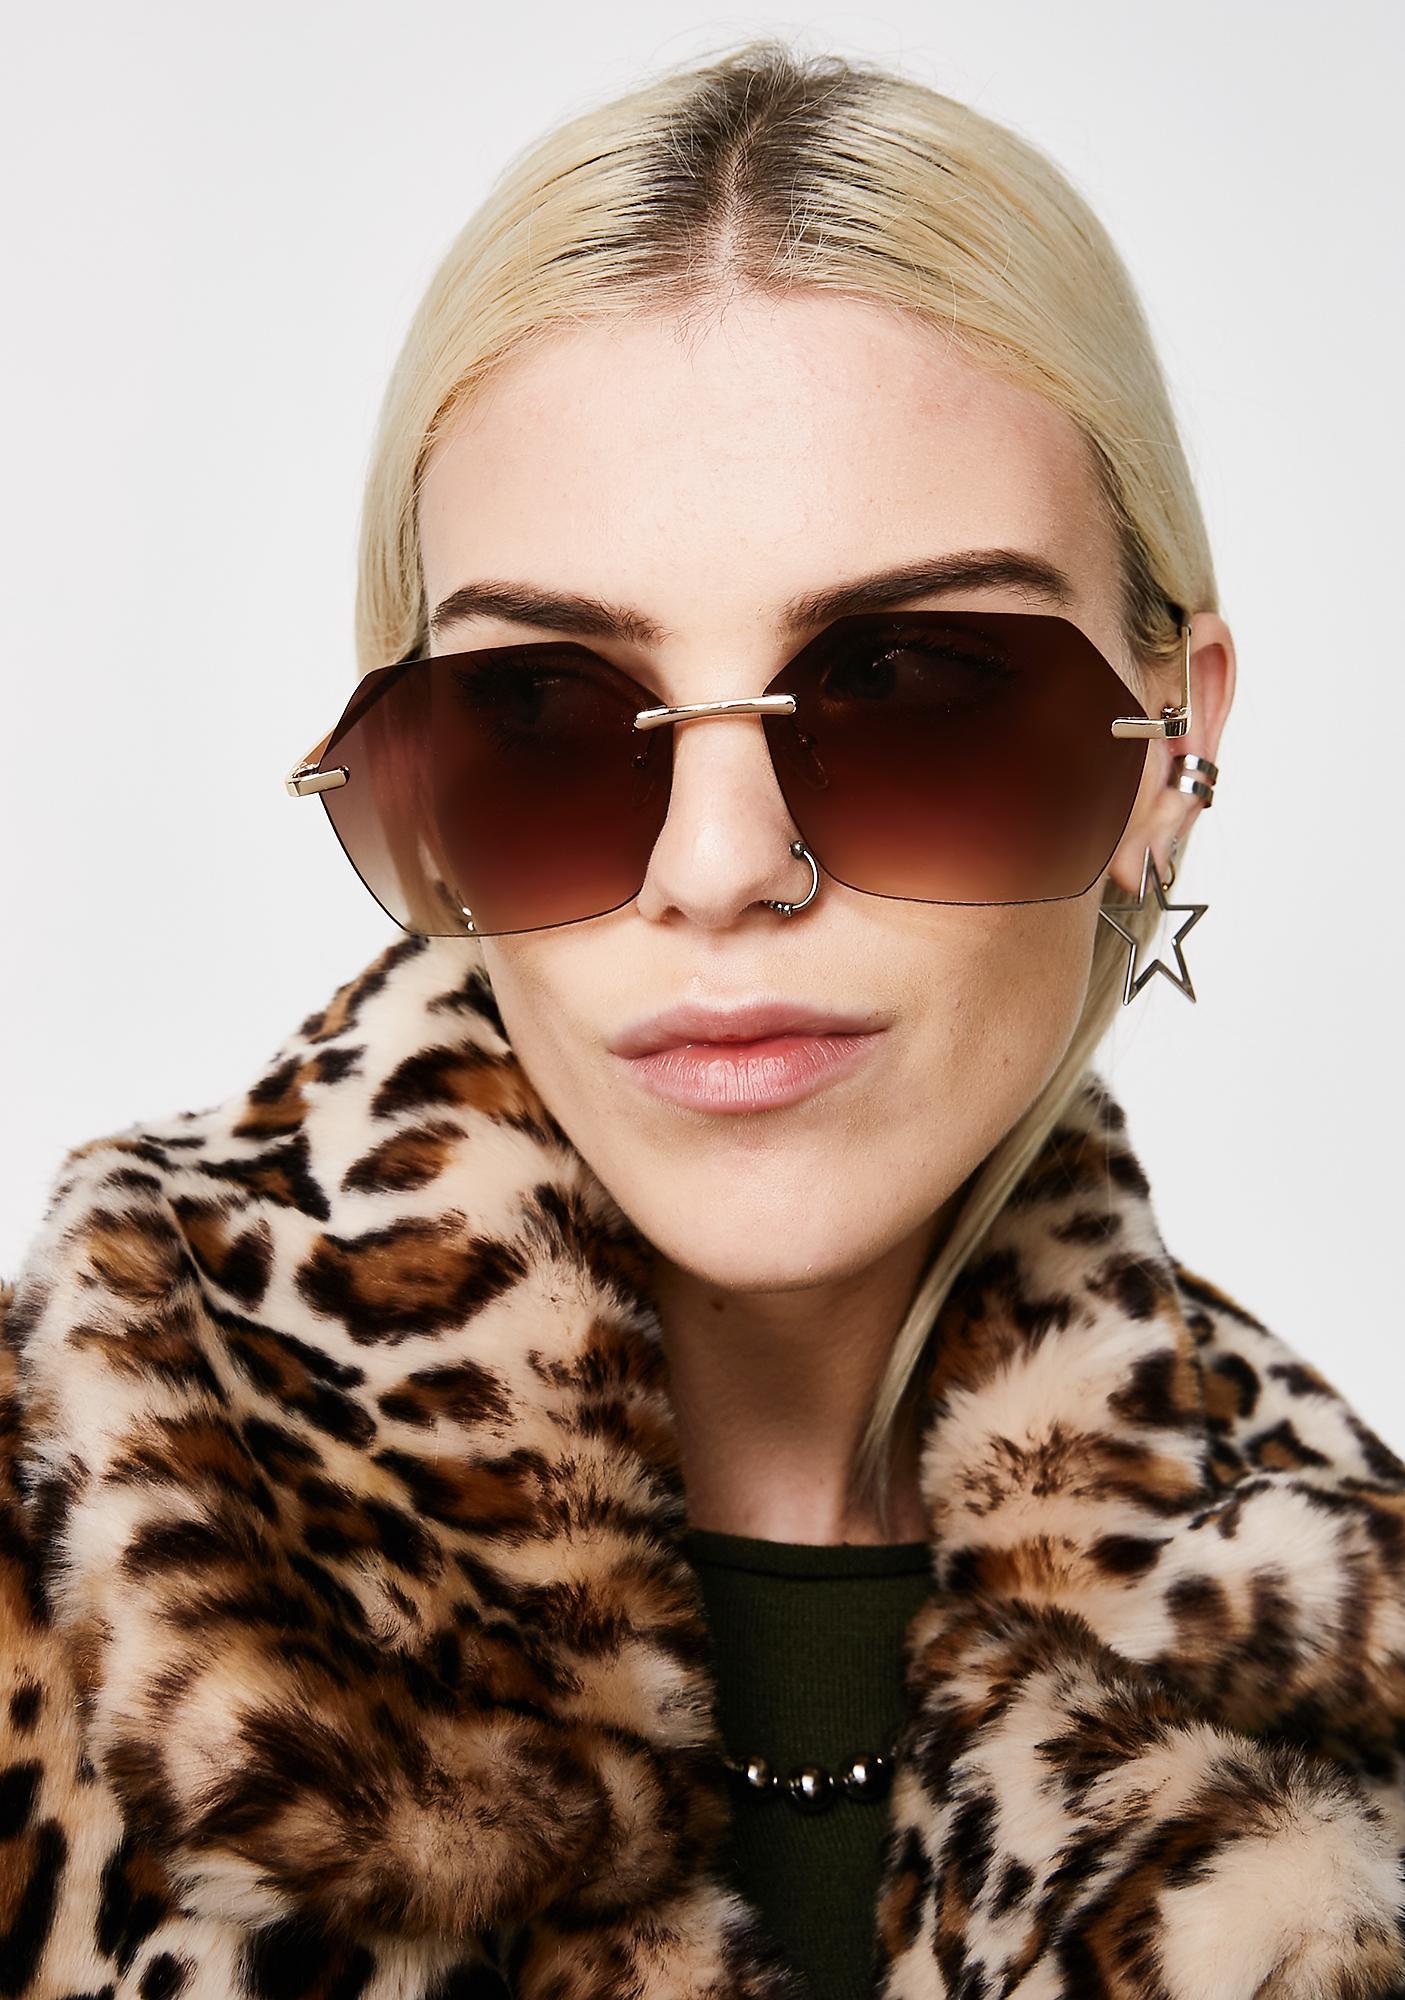 Watchin' You Oversized Sunglasses